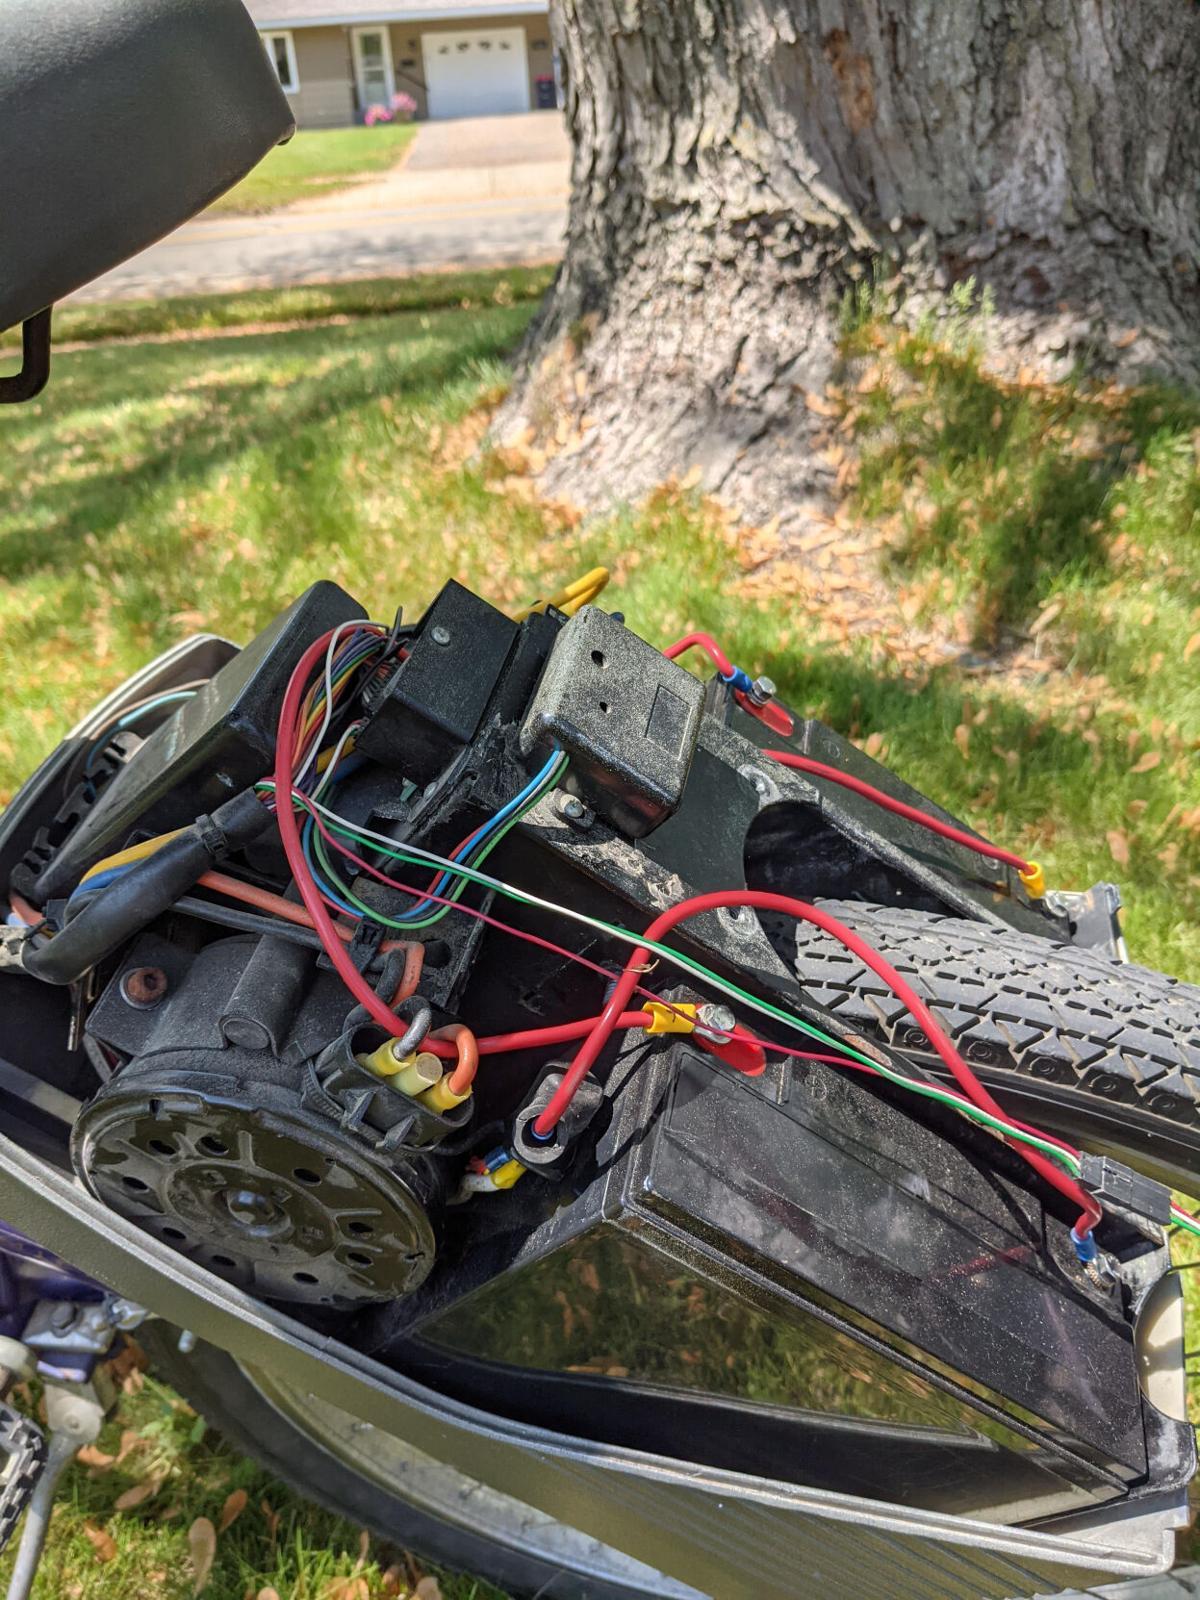 Drotos' EV Warrior bike